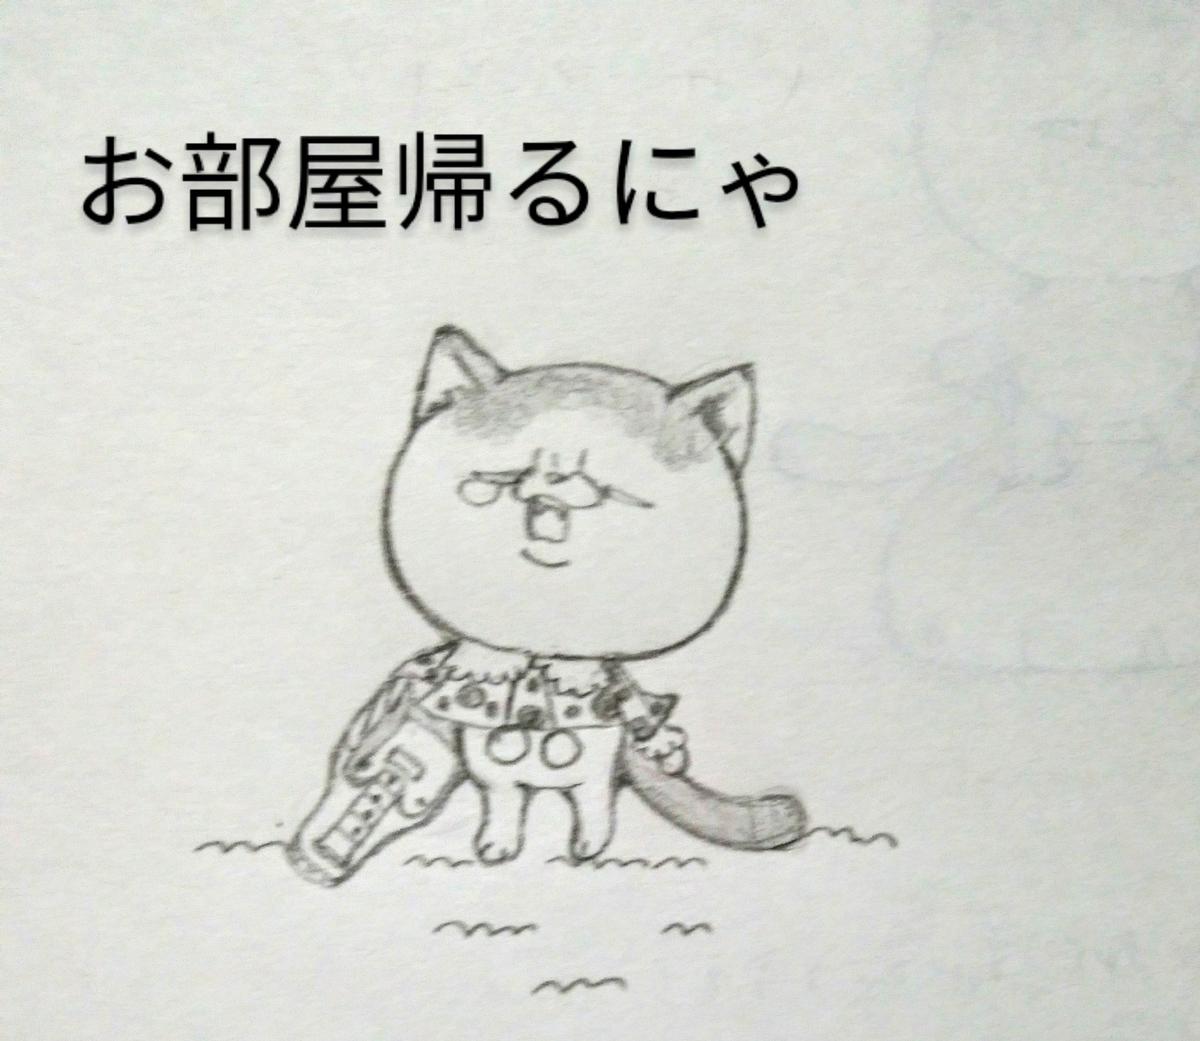 f:id:maricats:20200813204538j:plain